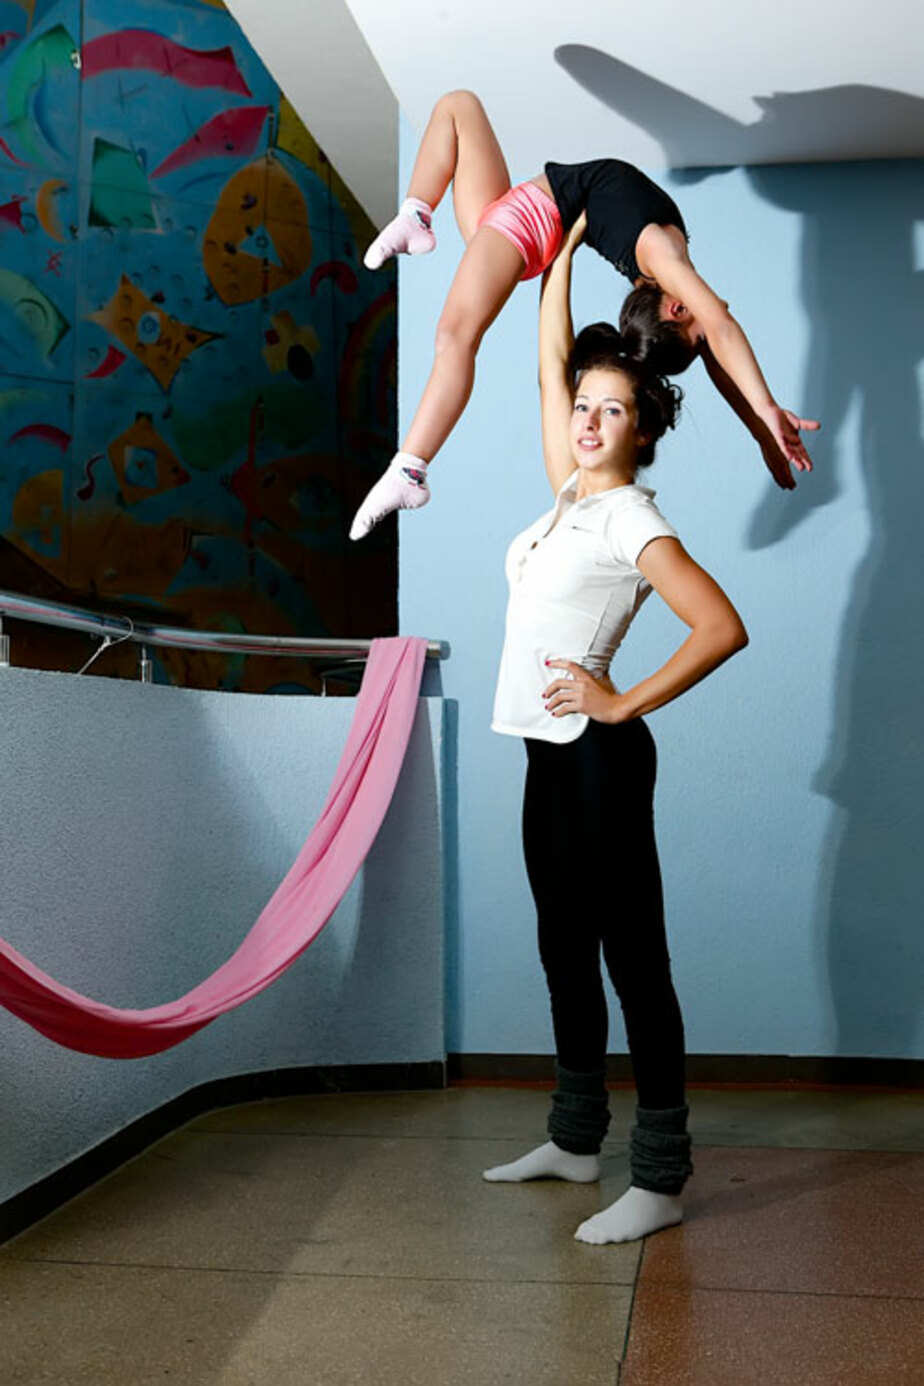 Екатерина Калинина, тренер по спортивной акробатике - Новости Калининграда